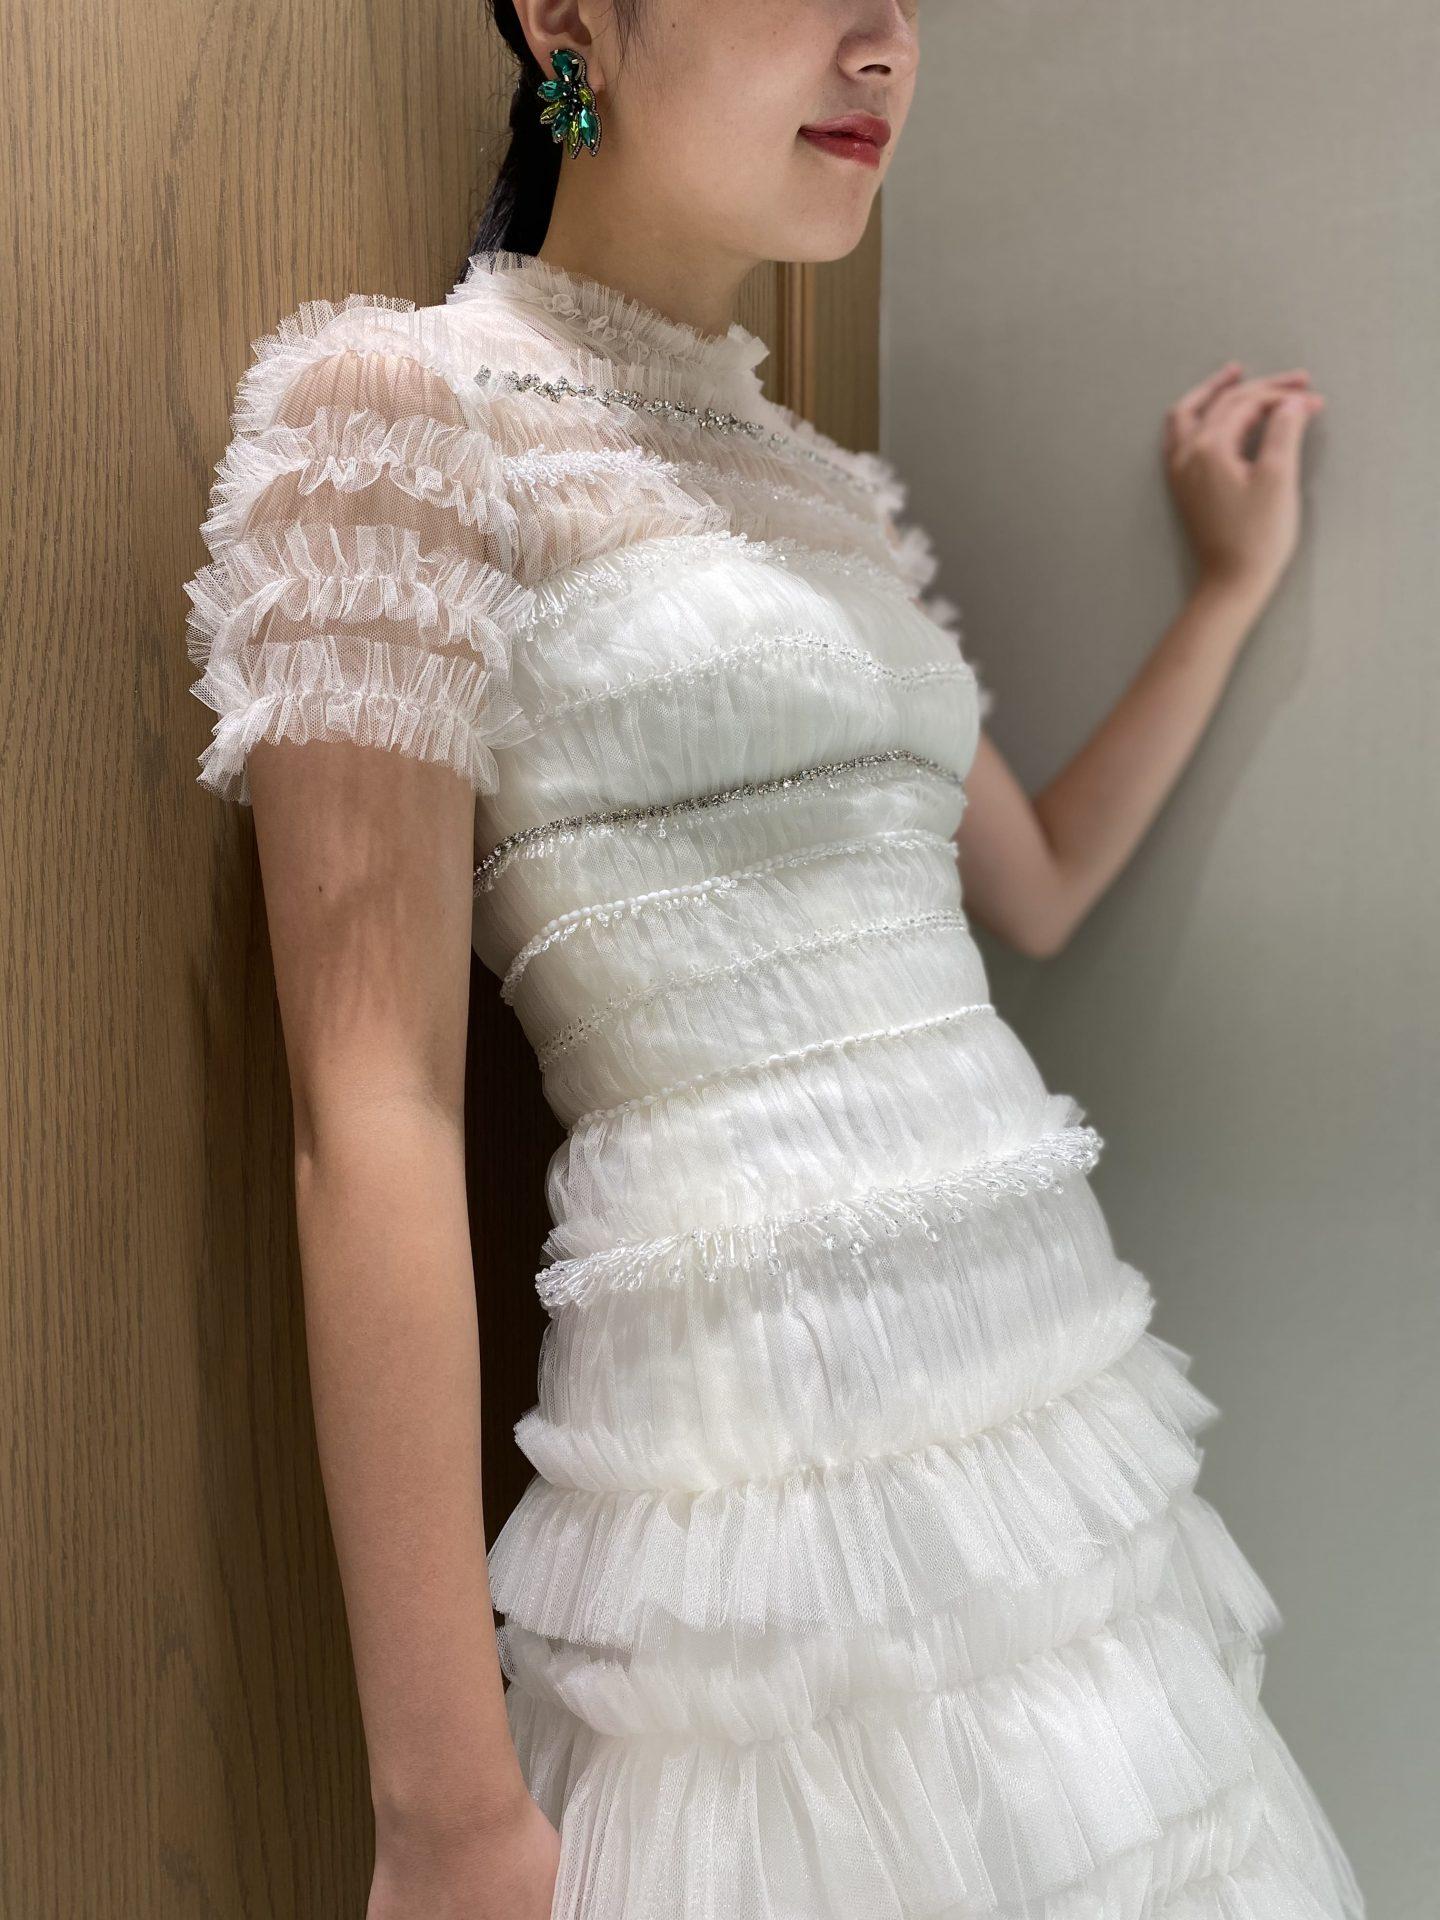 お洒落な花嫁様に人気のオランダ発祥のデザイナーが手掛けるエッジが効いたヴィクターアンドロルフマリアージュのウェディングドレス